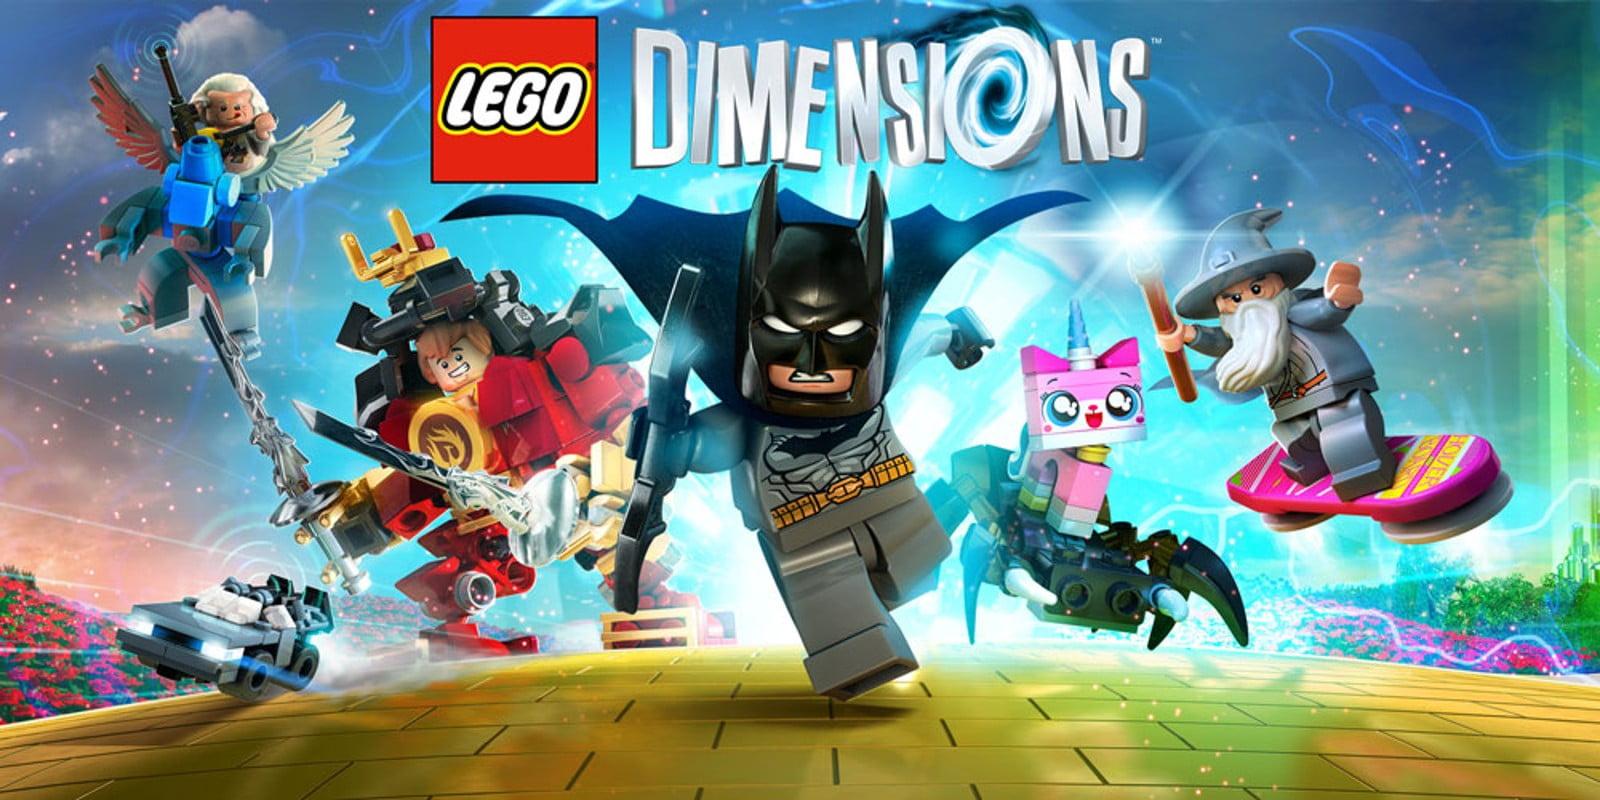 Imagen promocional del juego LEGO Dimensions